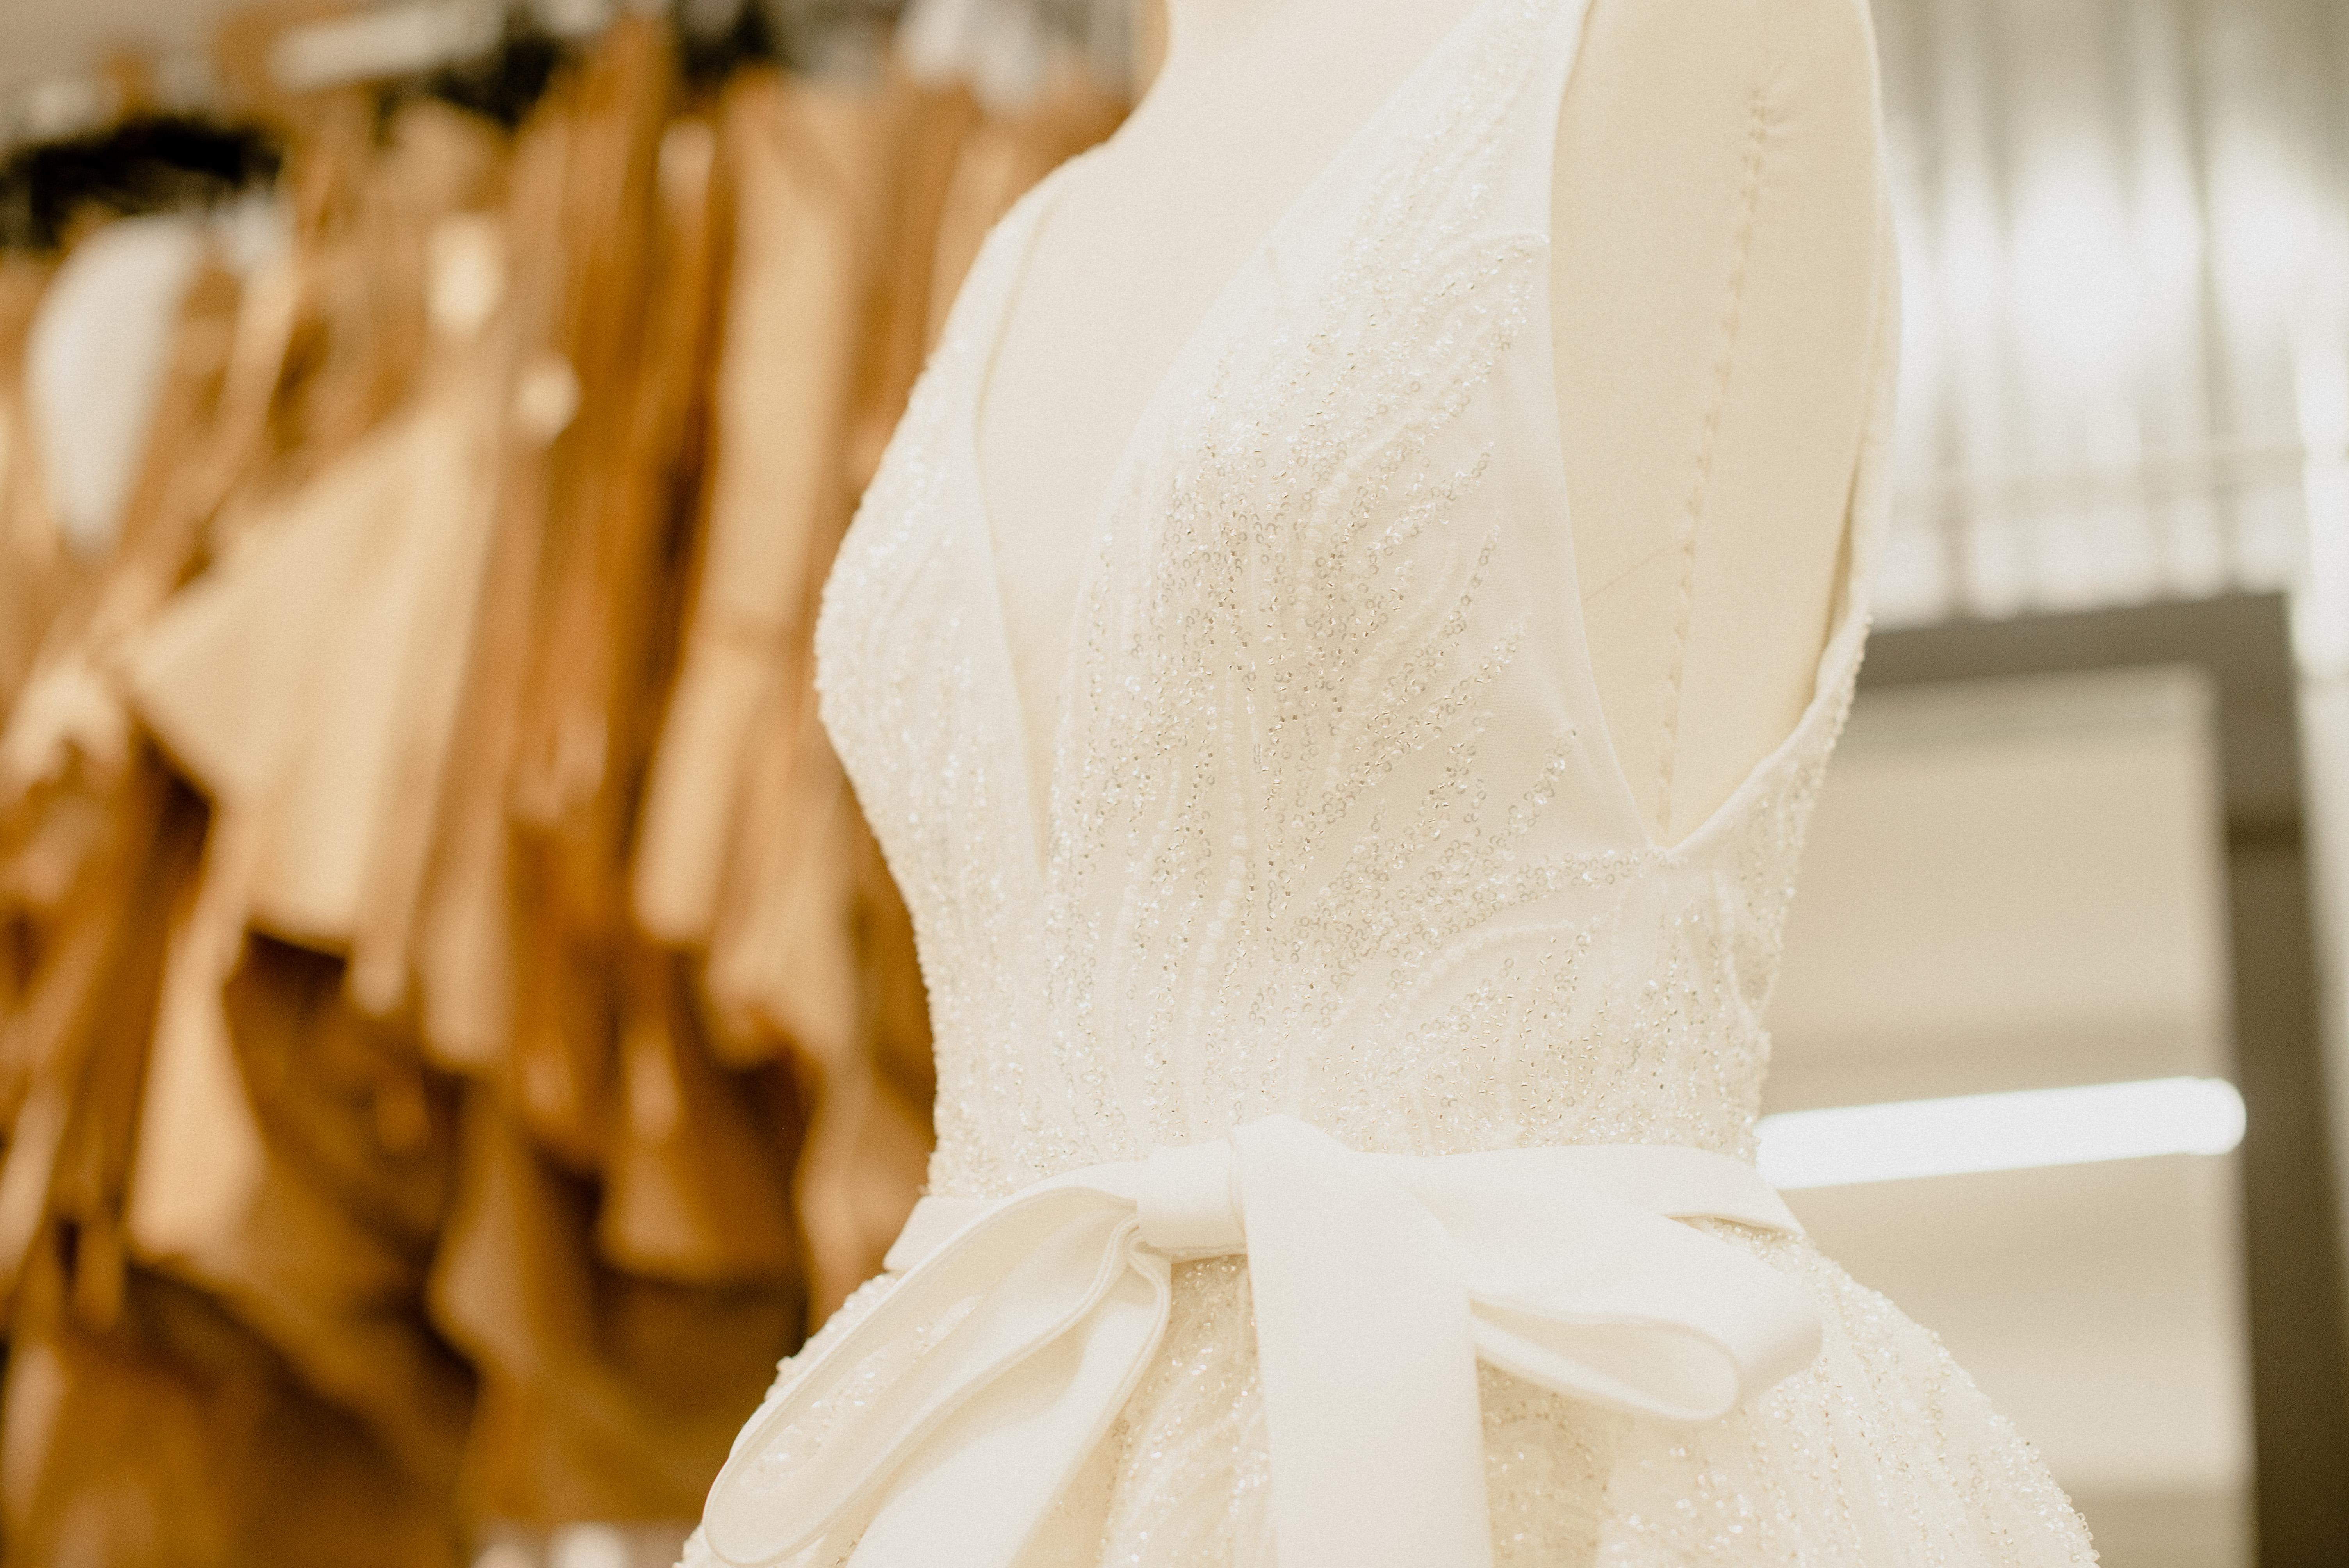 Imagem exibe parte de vestido de noiva branco com laço na altura da cintura.